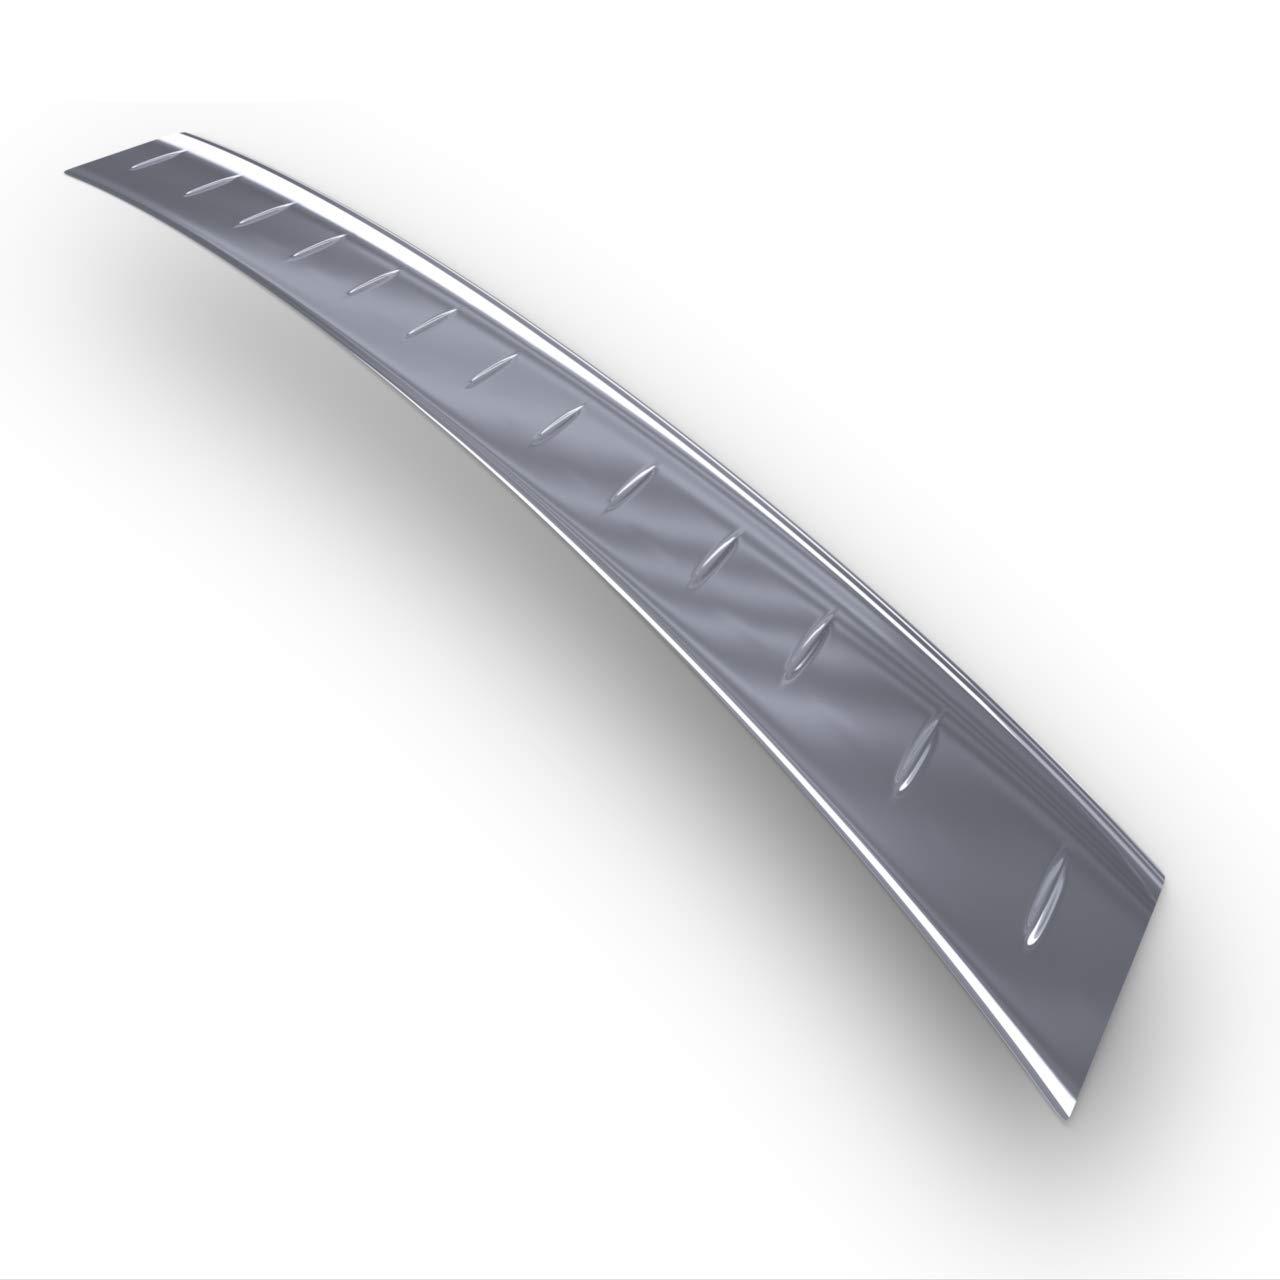 Protezione paraurti auto in acciaio lucido 5902538653312 argento